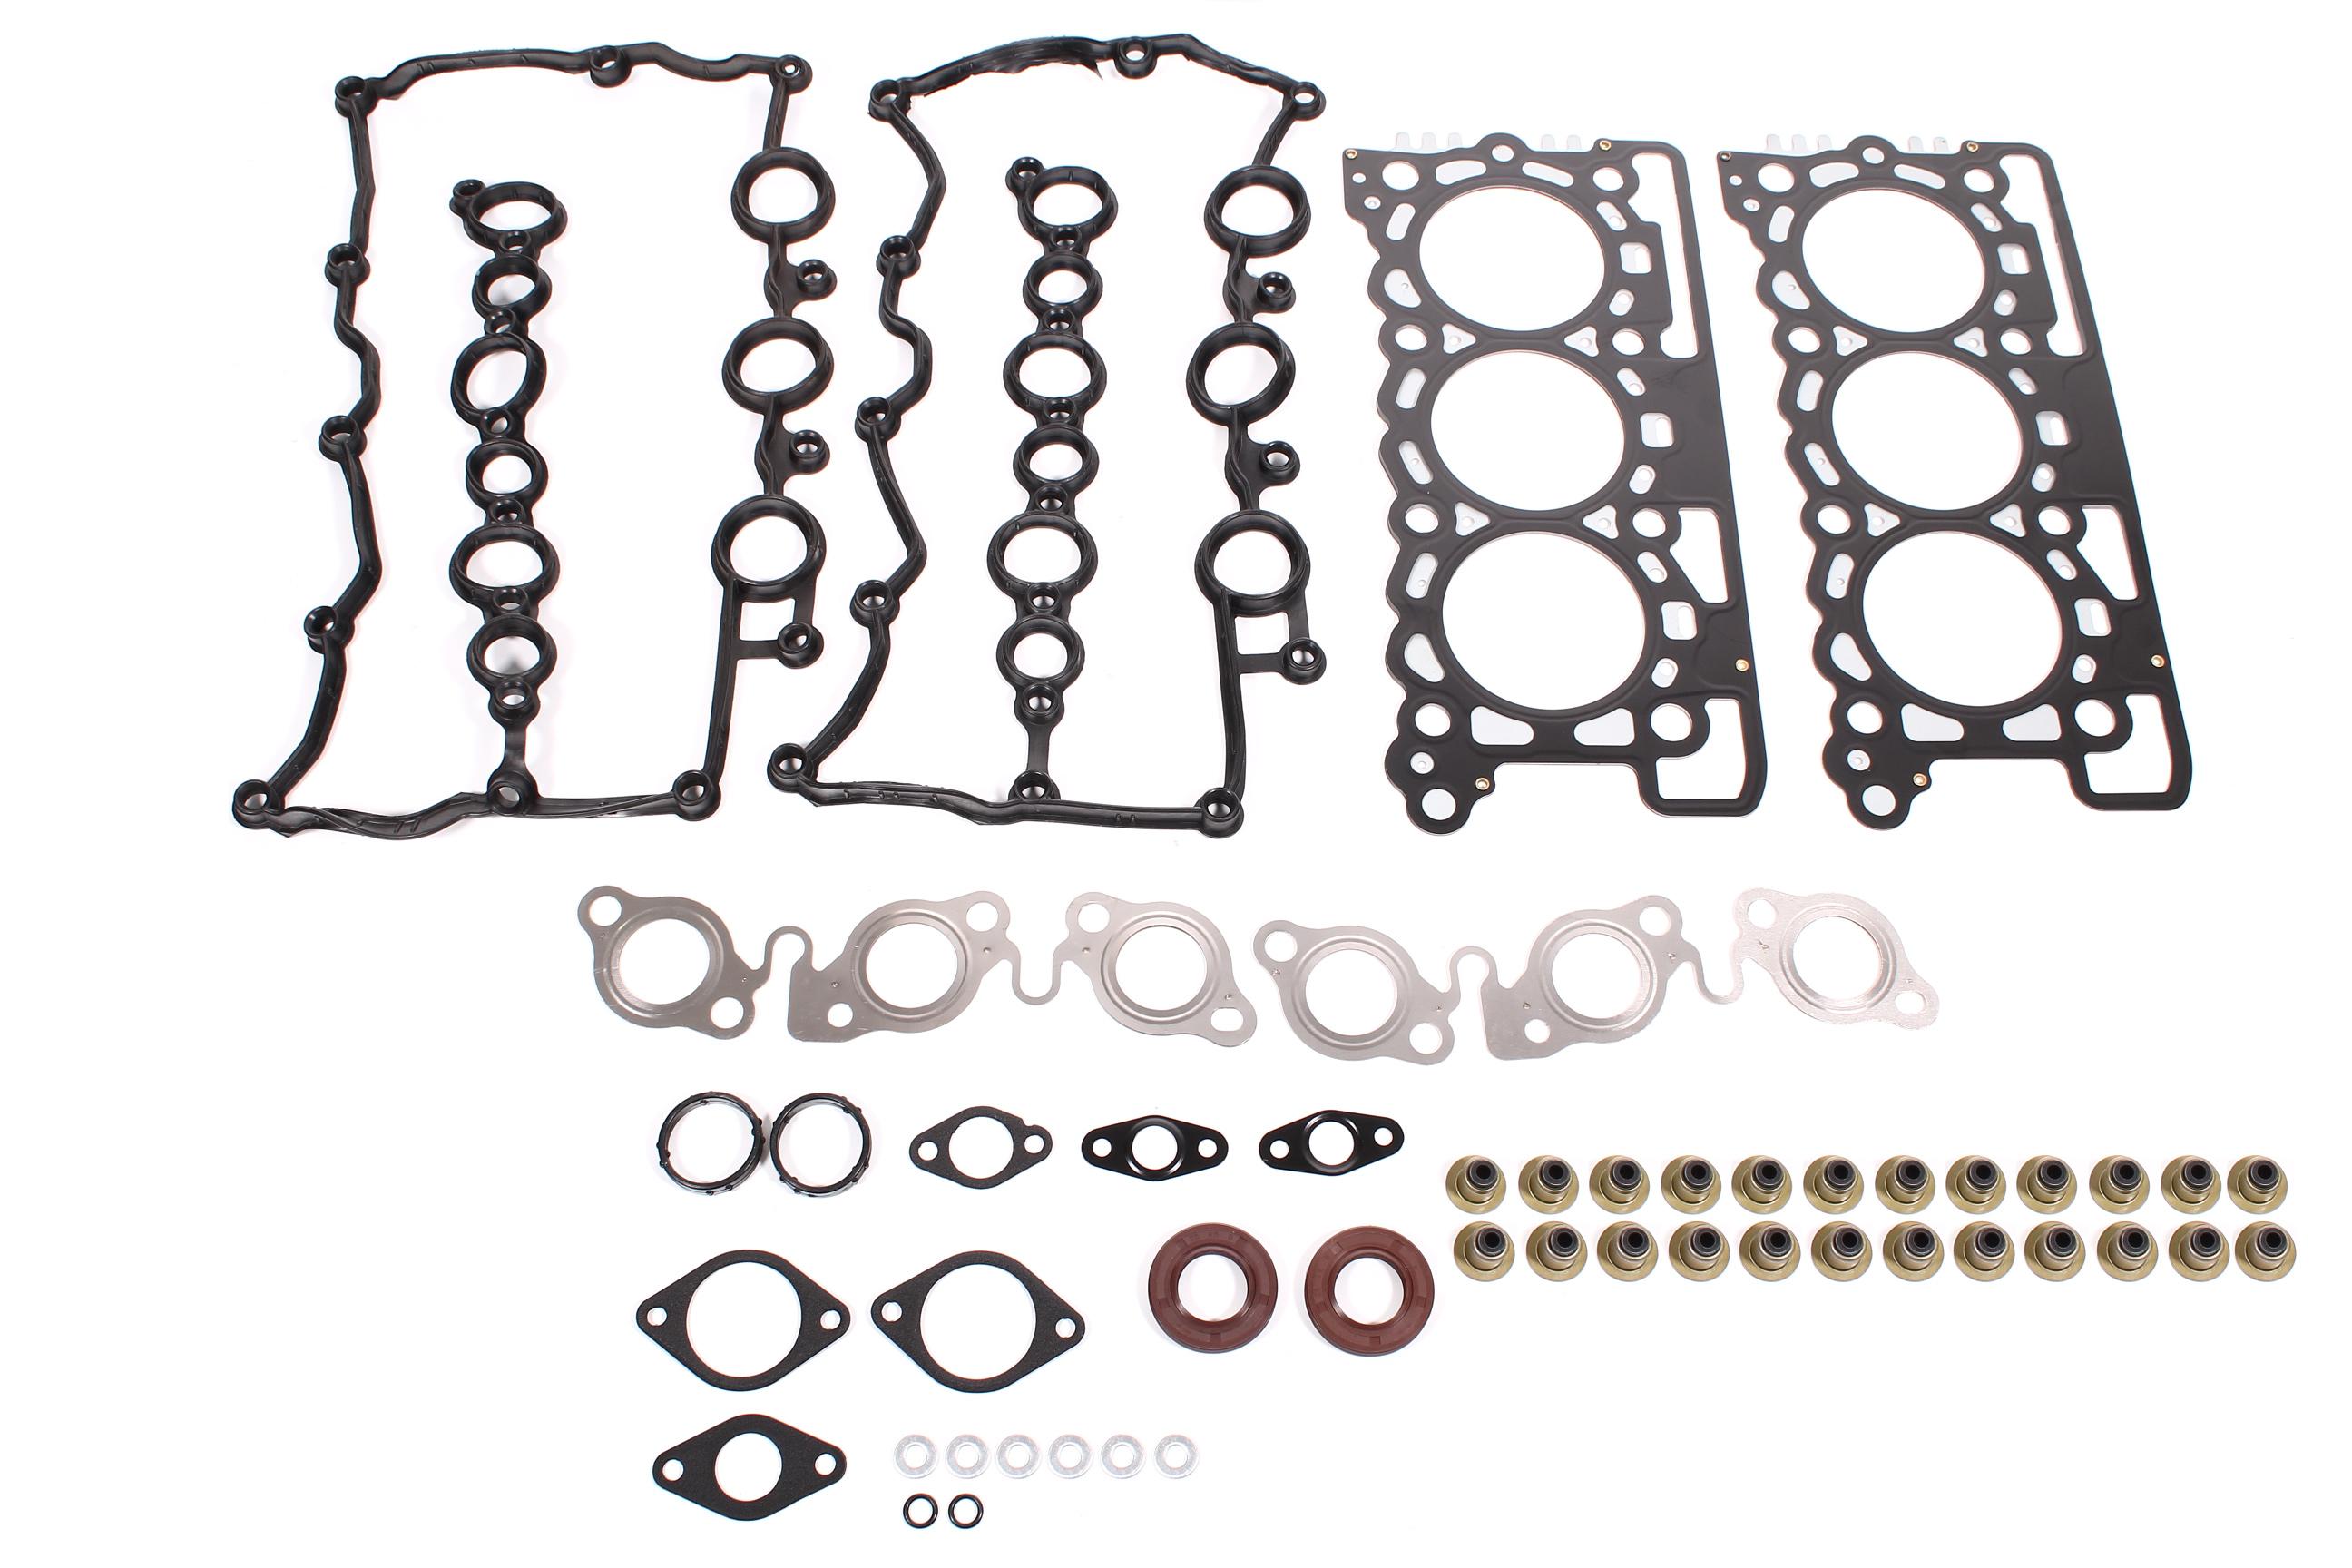 Dichtungssatz Zylinderkopfdichtung Land Rover Discovery 2,7 276DT 53023900 NEU